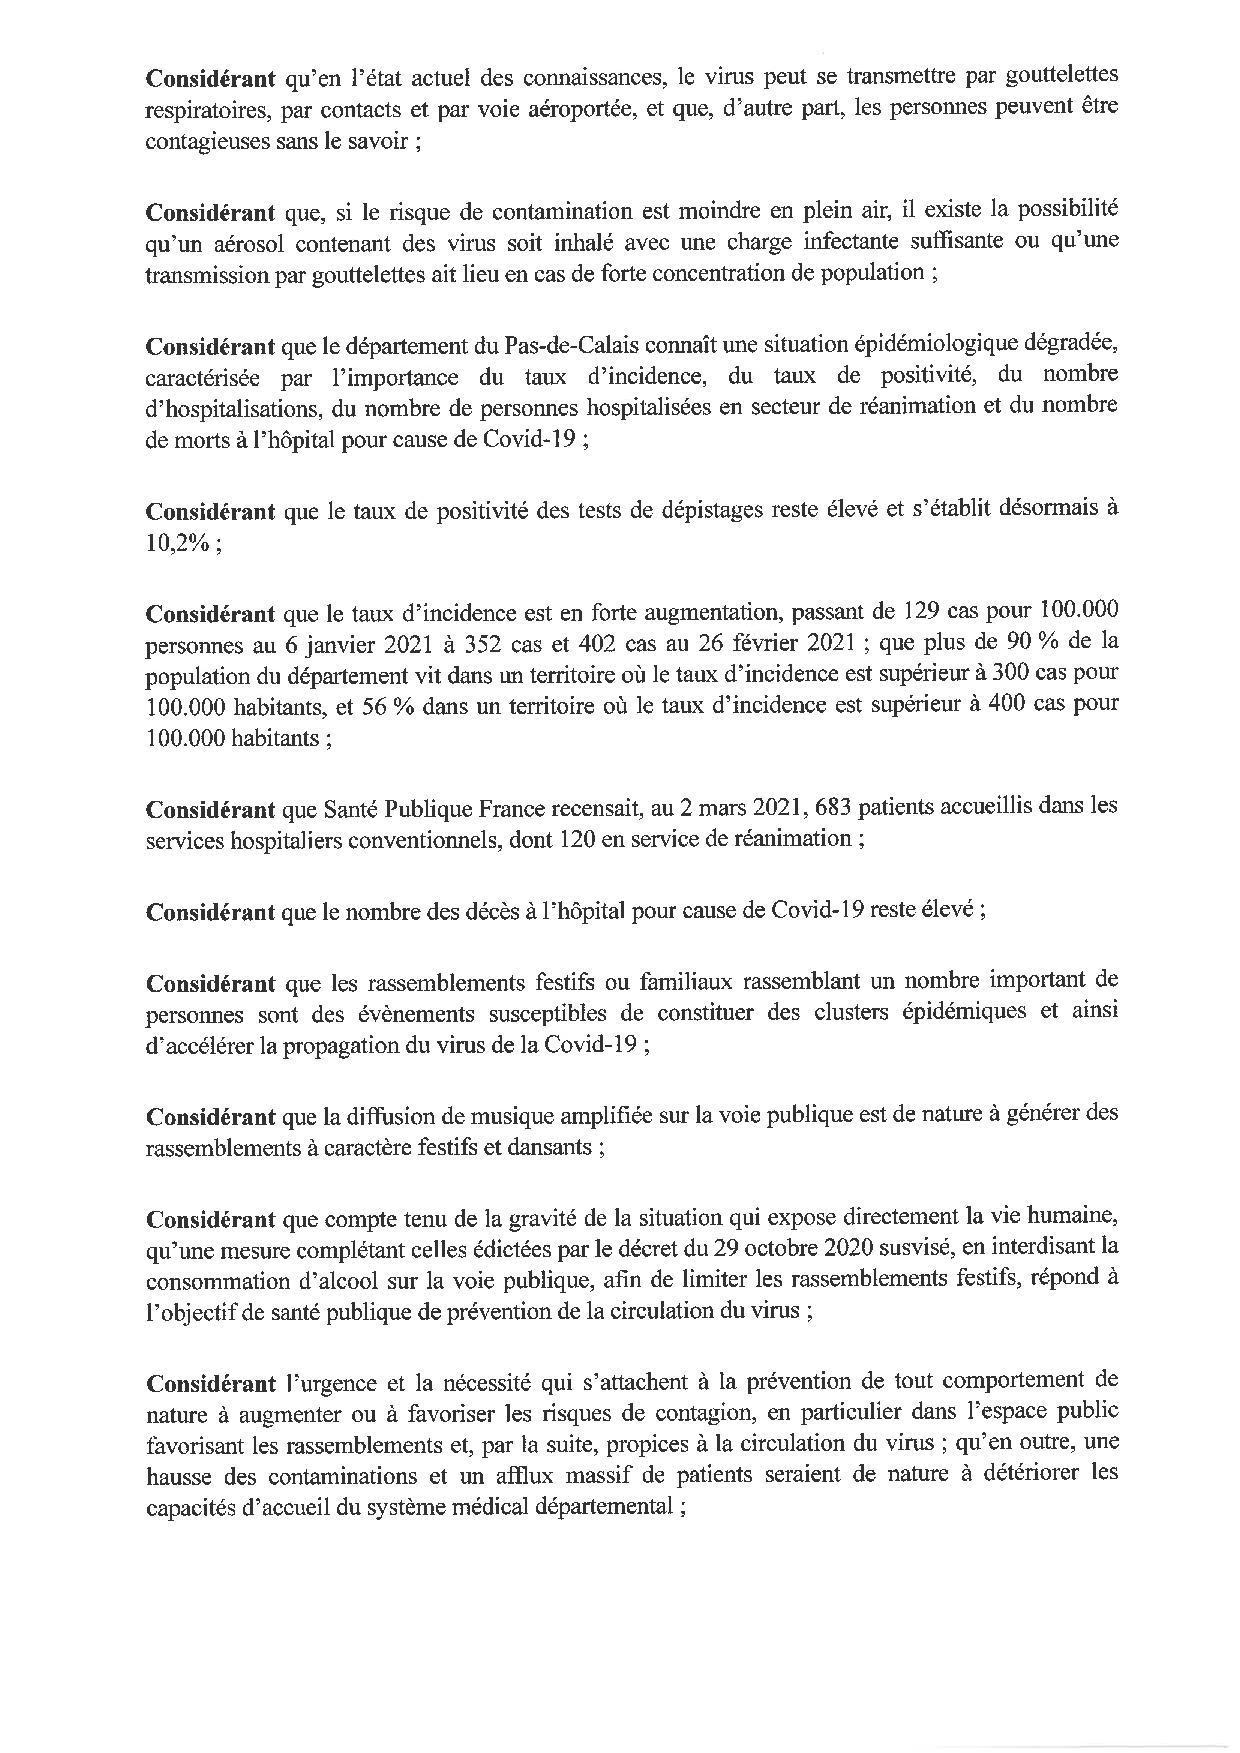 Arrete masques 05032021 page 002